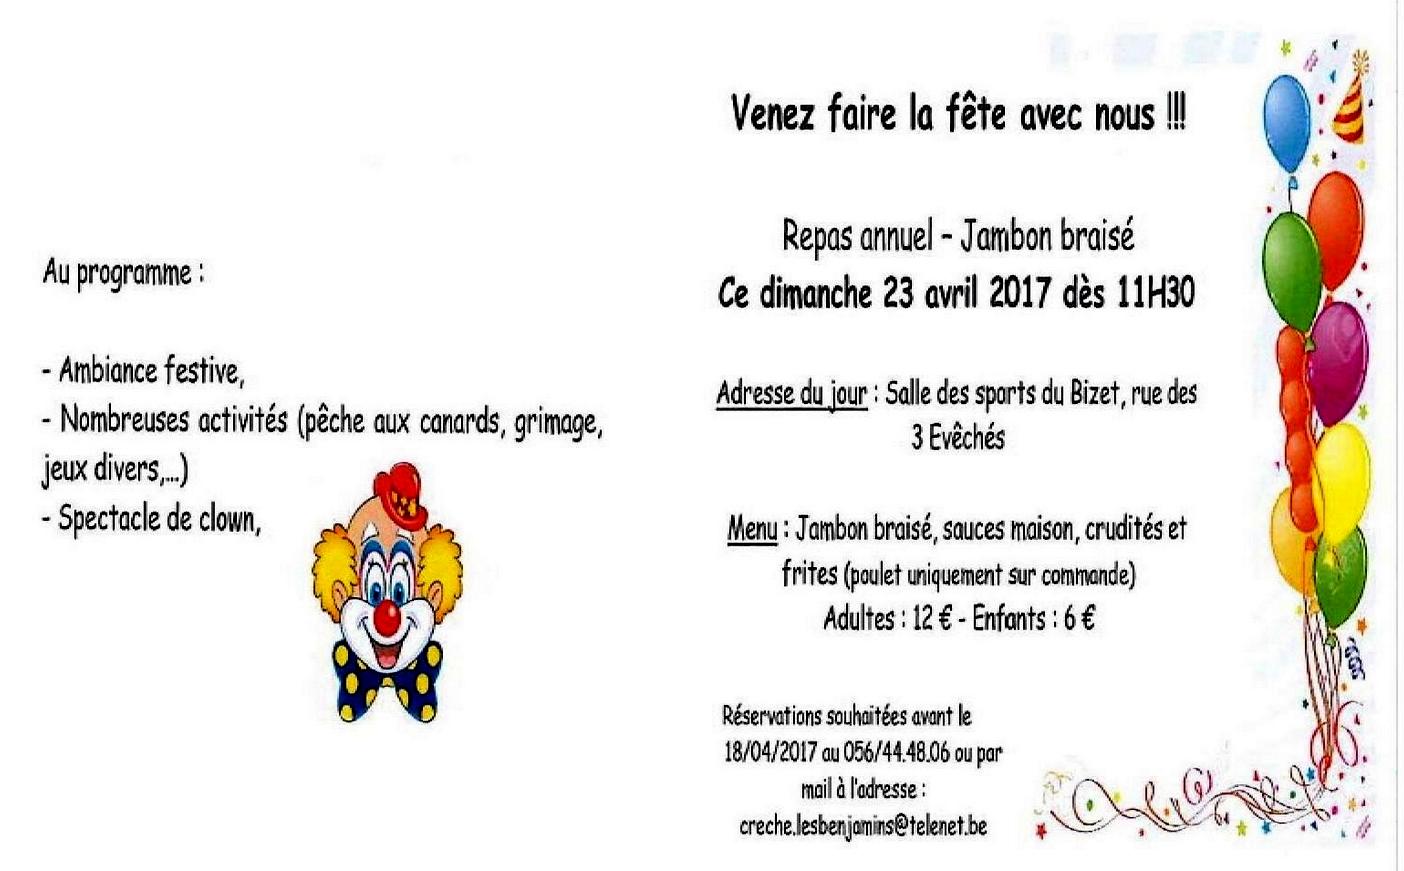 23 avril repas de la Crèche en la salle des sports du Bizet